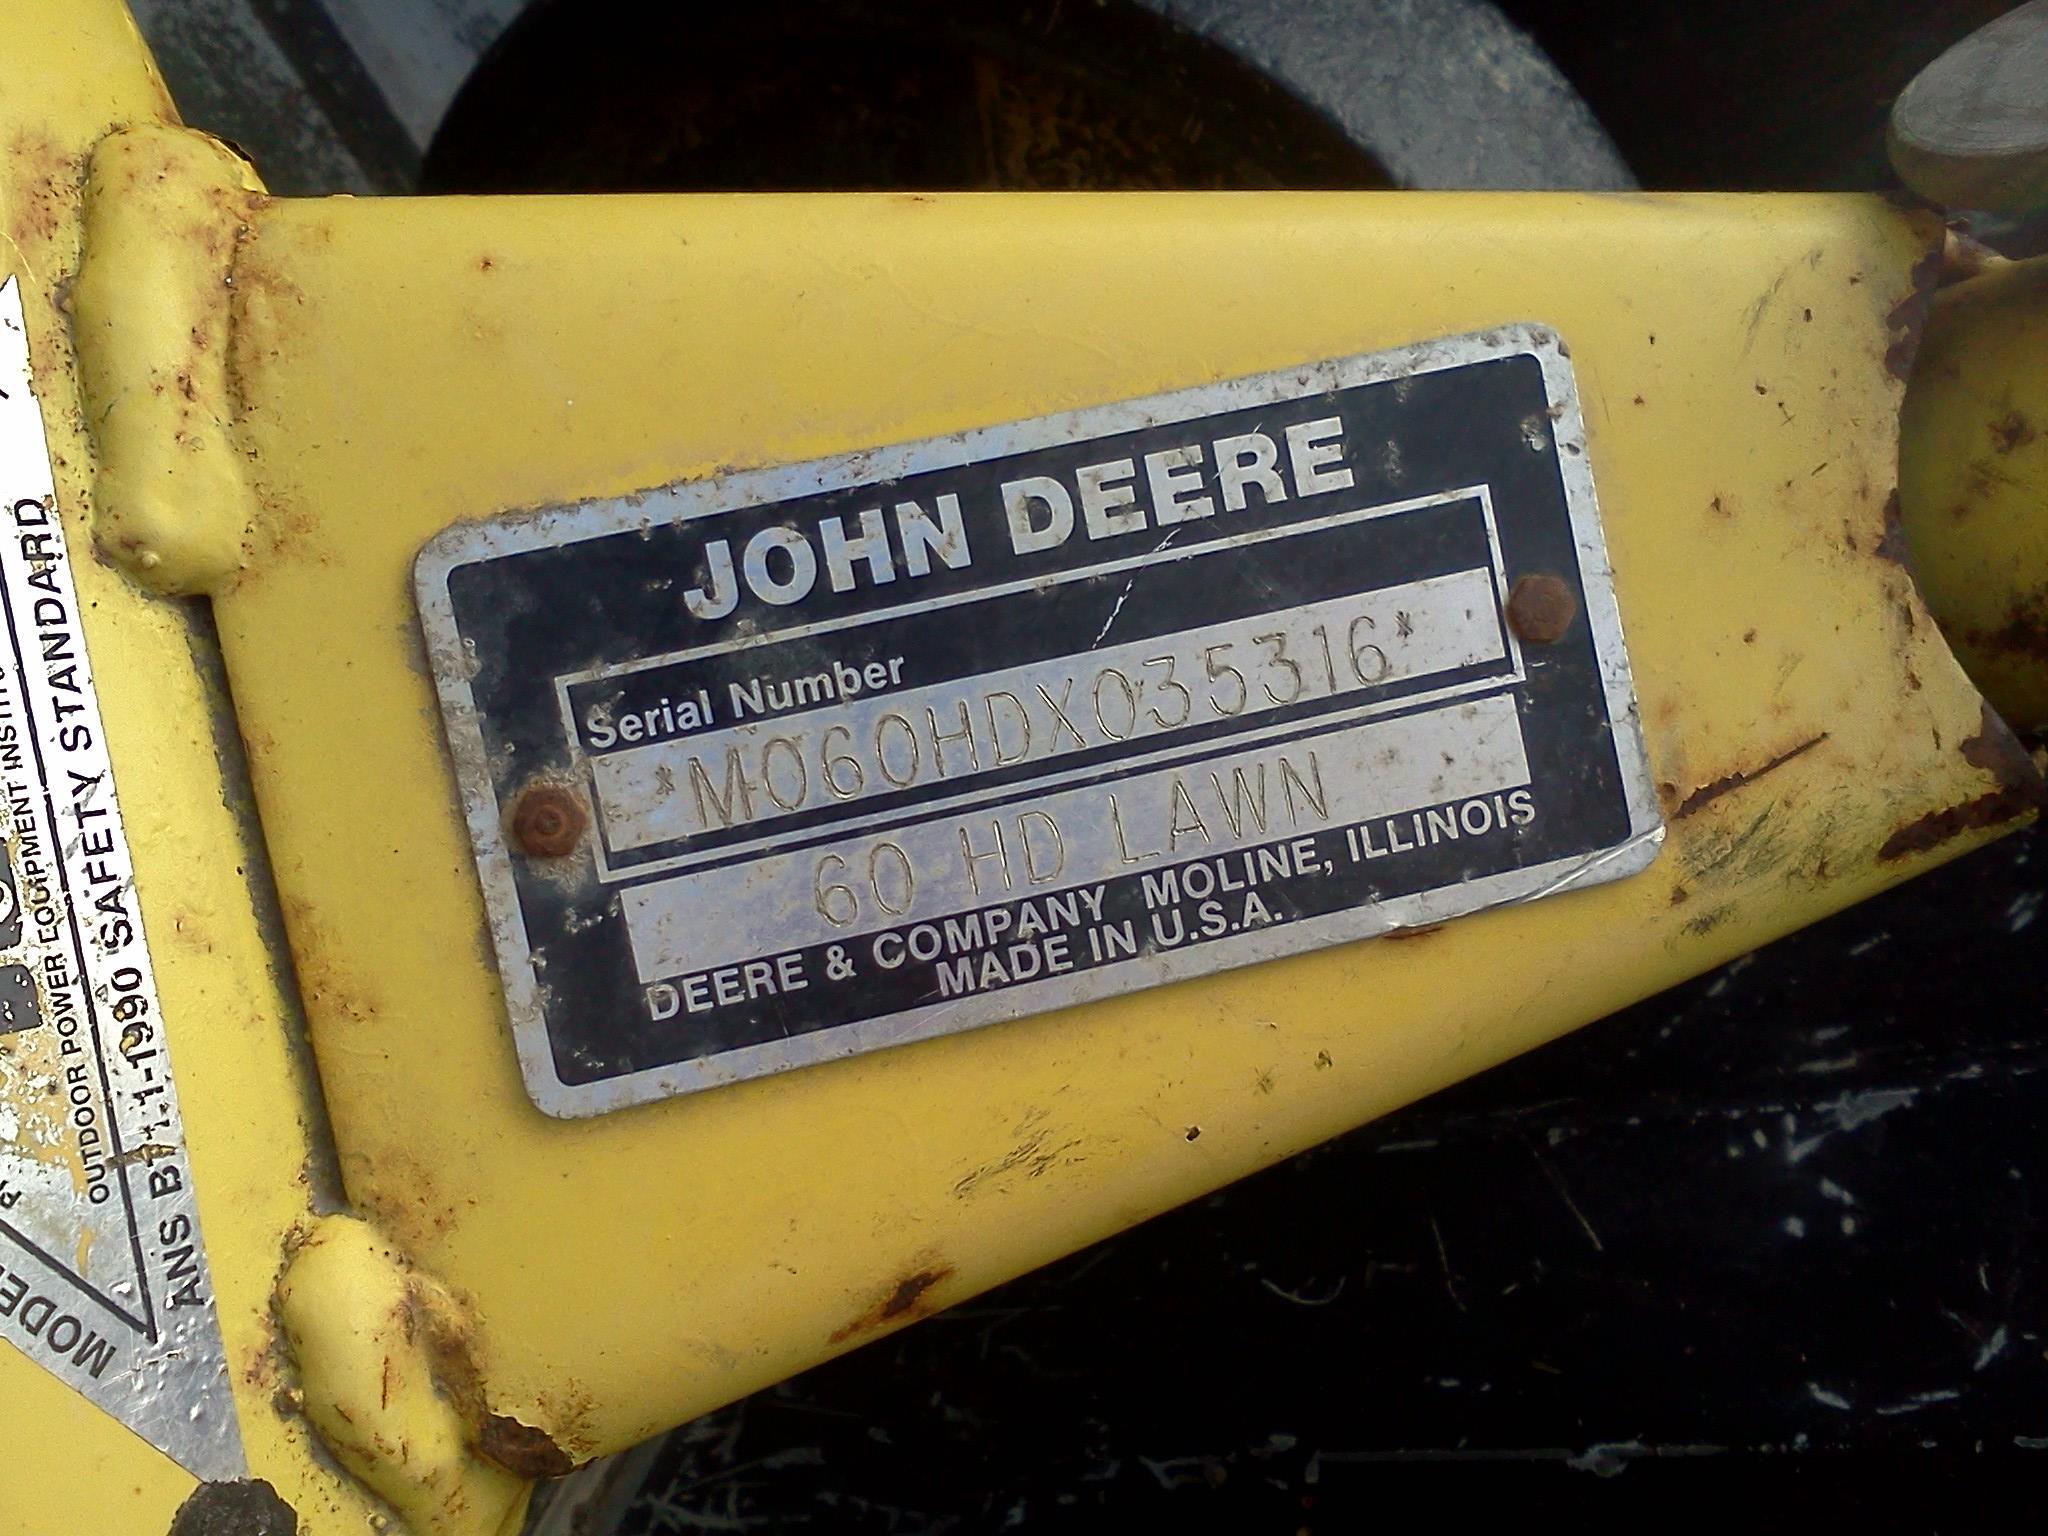 JD425 deck3.jpg